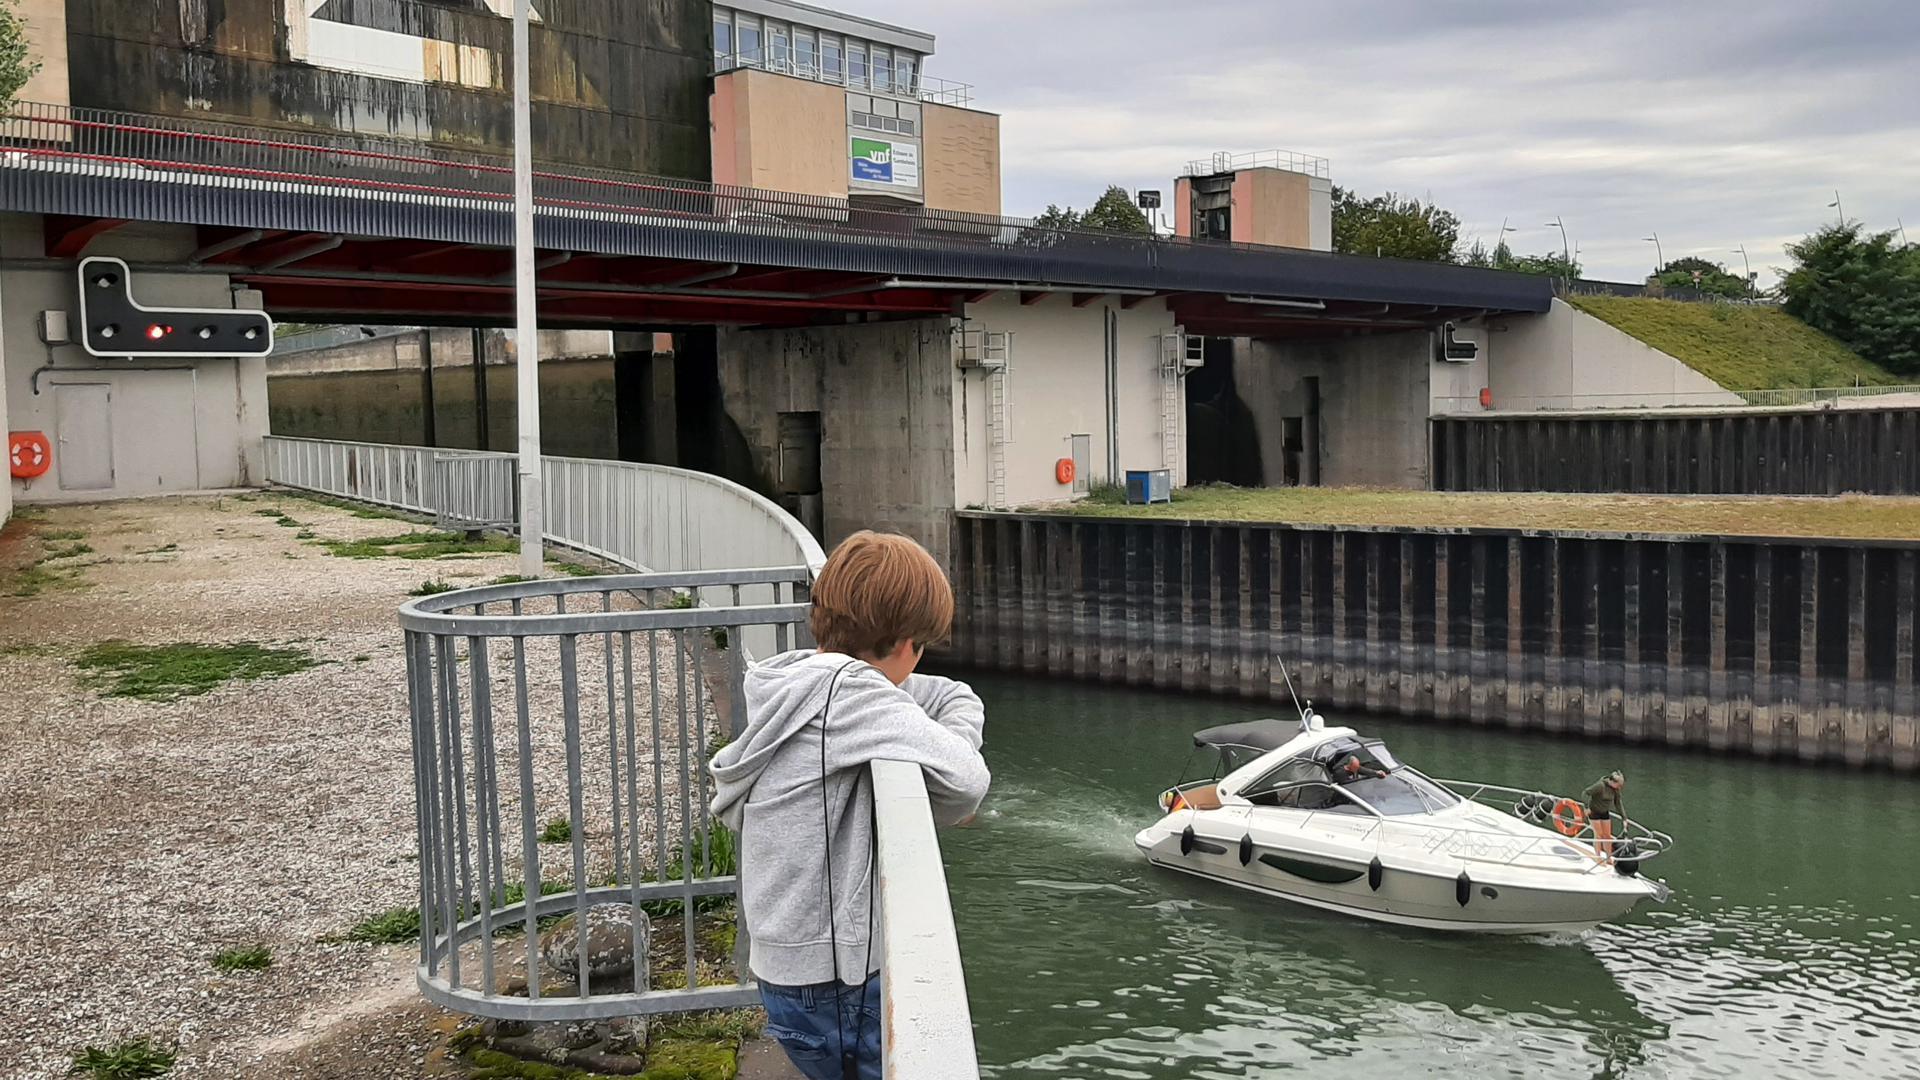 Junge steht am Rhein und beobachtet, wie ein Schiff aus der Schleuse fährt.